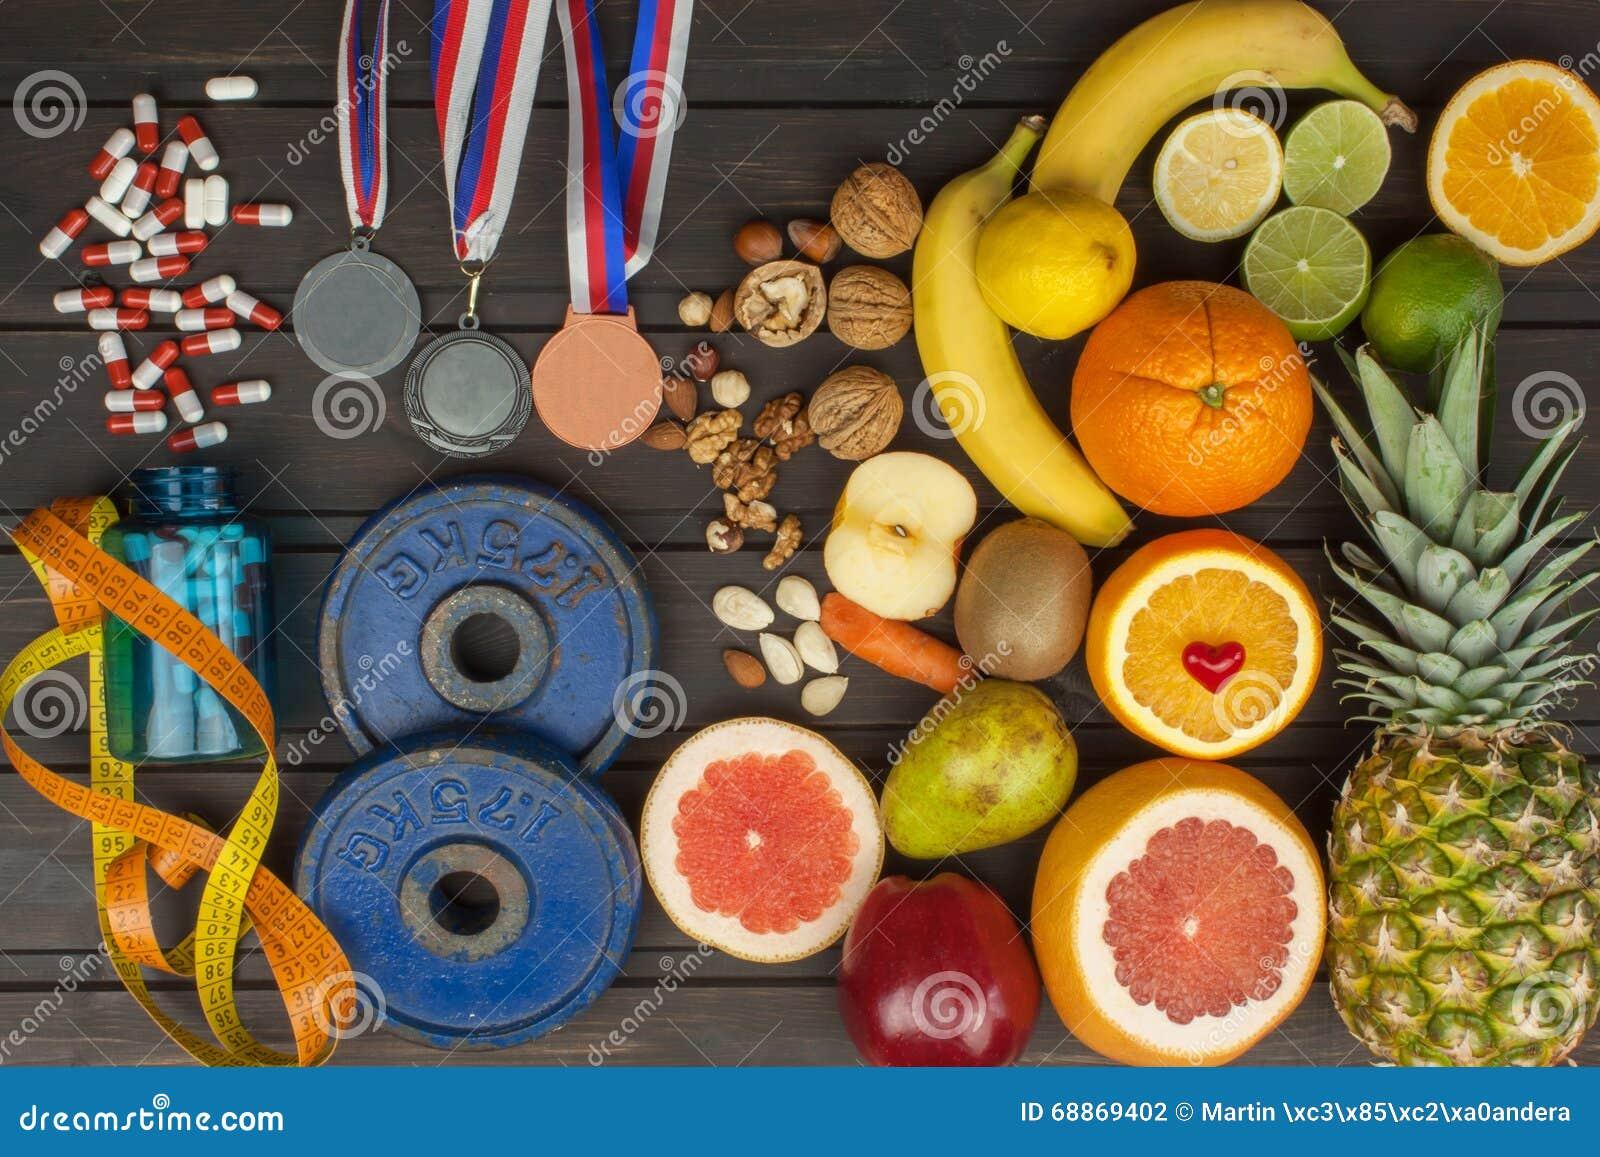 Formation de sports et une alimentation saine Nutrition saine pour des athlètes Accomplissements sportifs